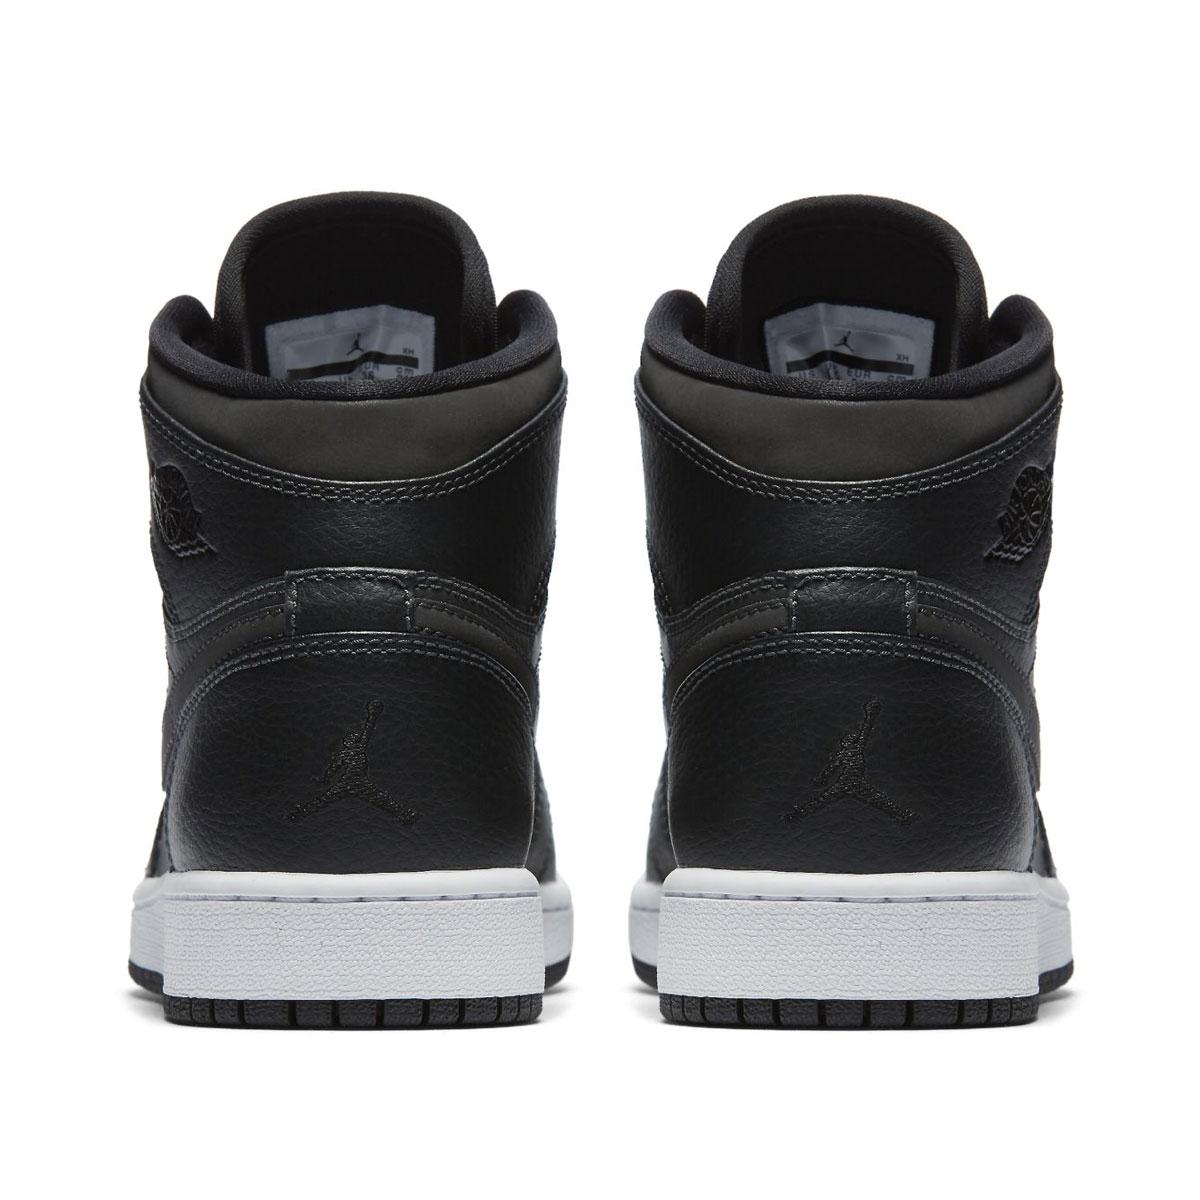 newest d1b97 5a3d4 ... NIKE AIR JORDAN 1 RETRO HIGH GG (Nike Air Jordan 1 nostalgic high GG)